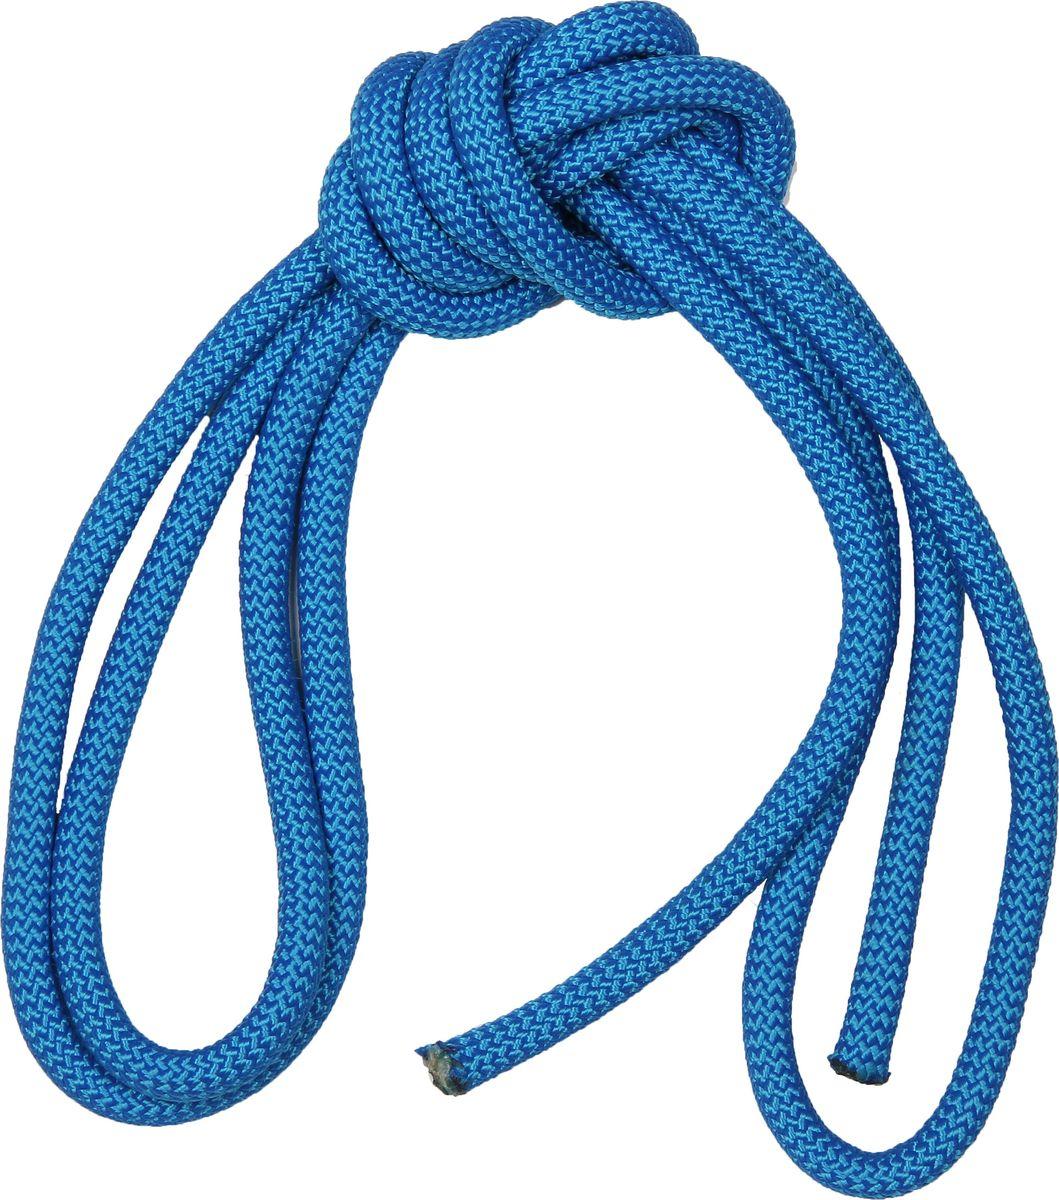 """Скакалка гимнастическая """"Indigo"""", утяжеленная, цвет: синий, 2,5 м"""